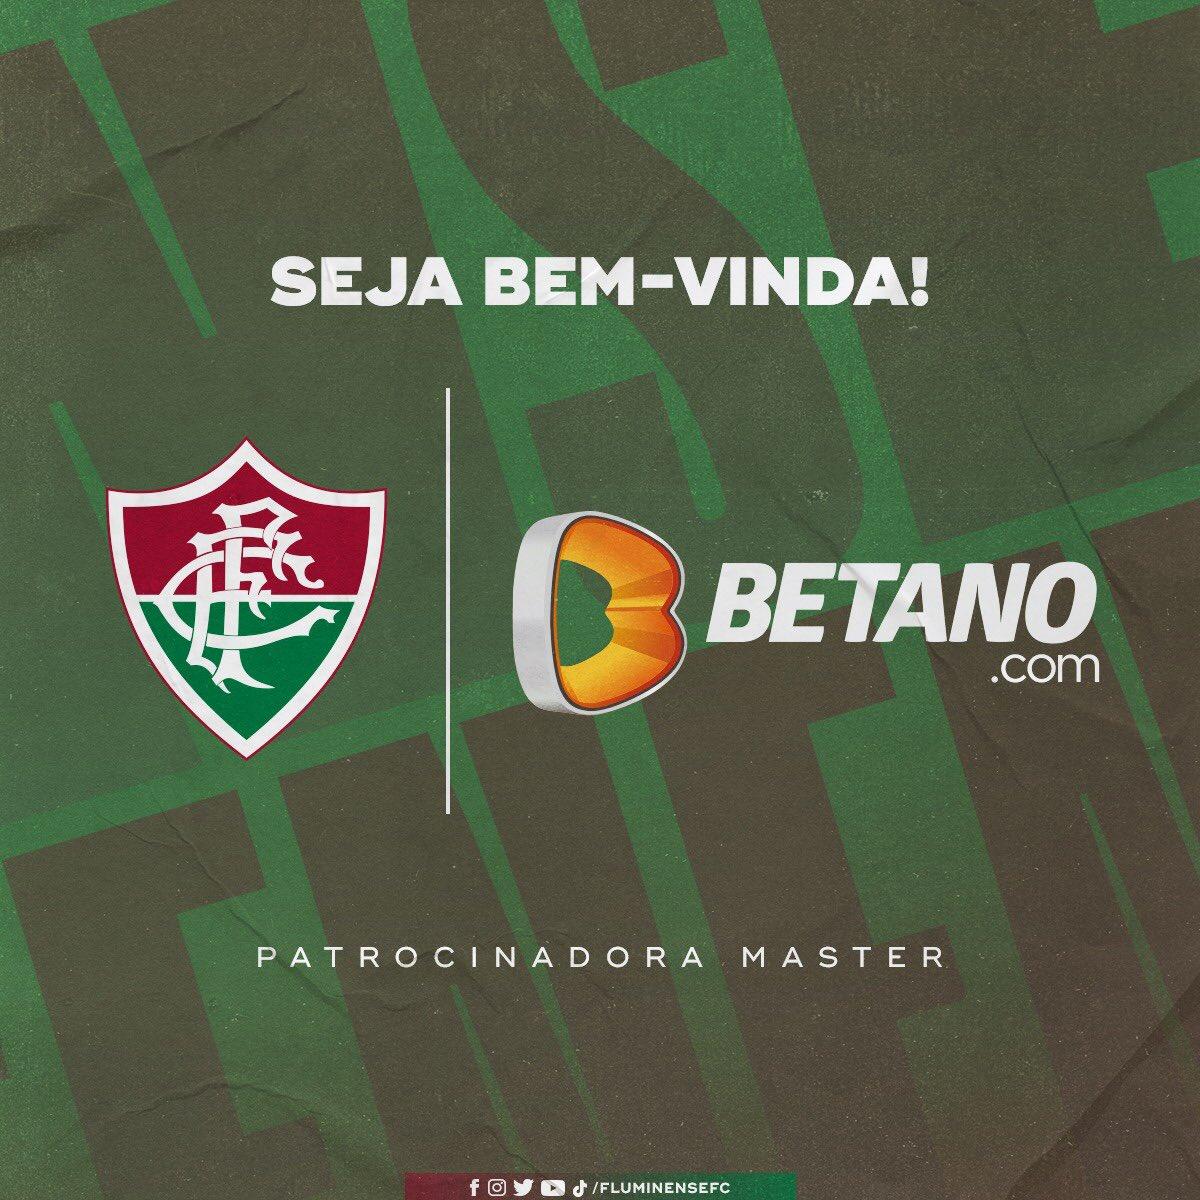 Fluminense e Betano: empresa é a nova patrocinadora master do clube